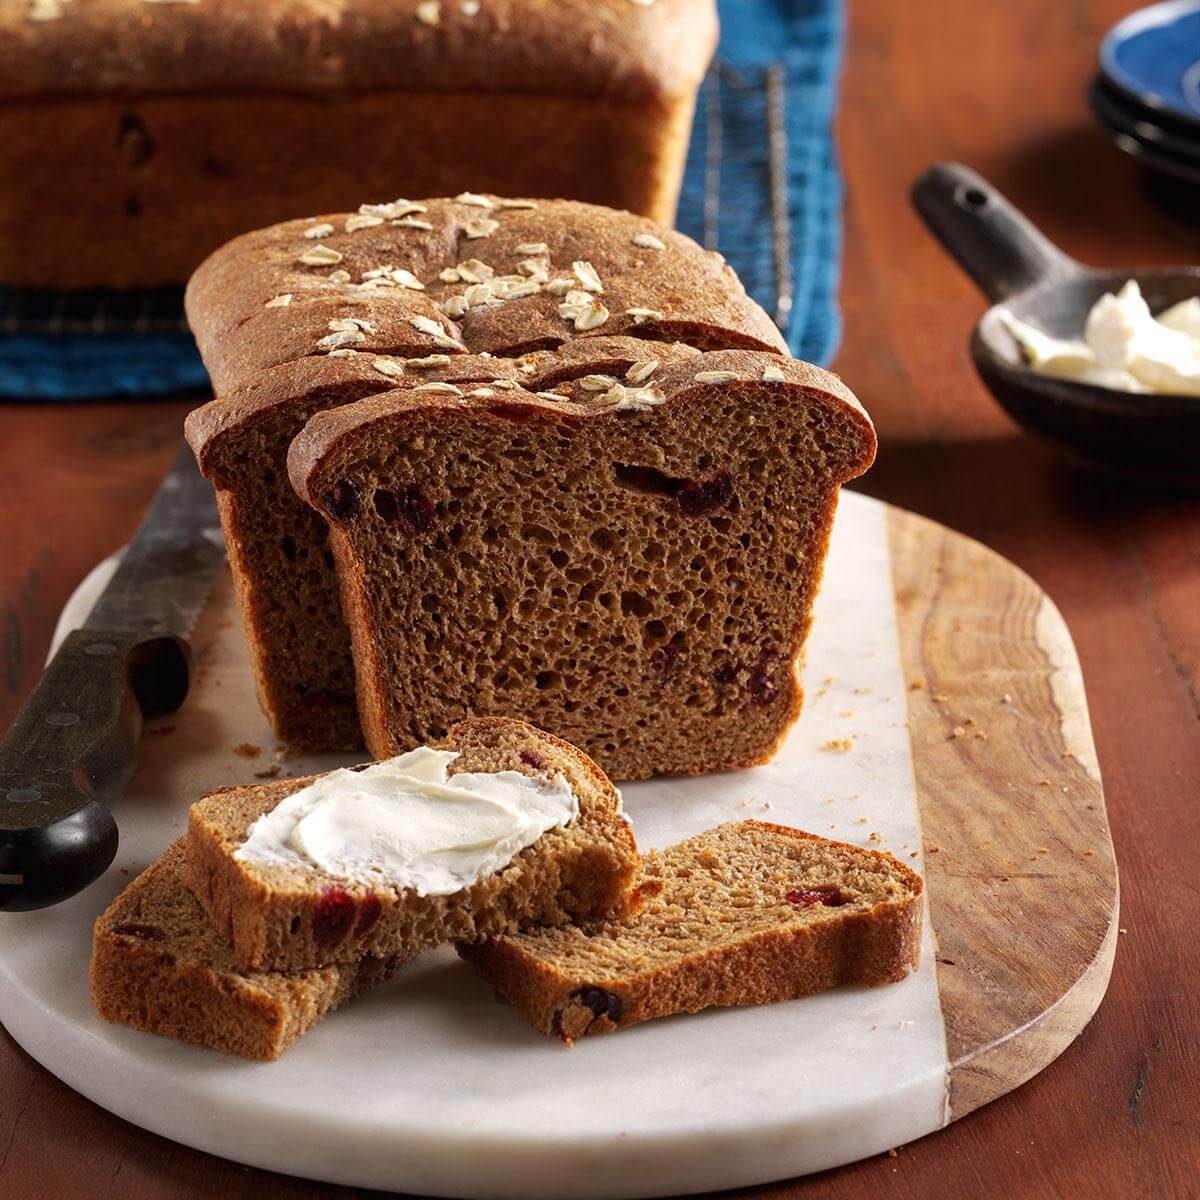 Cape Cod Bay Brown Bread